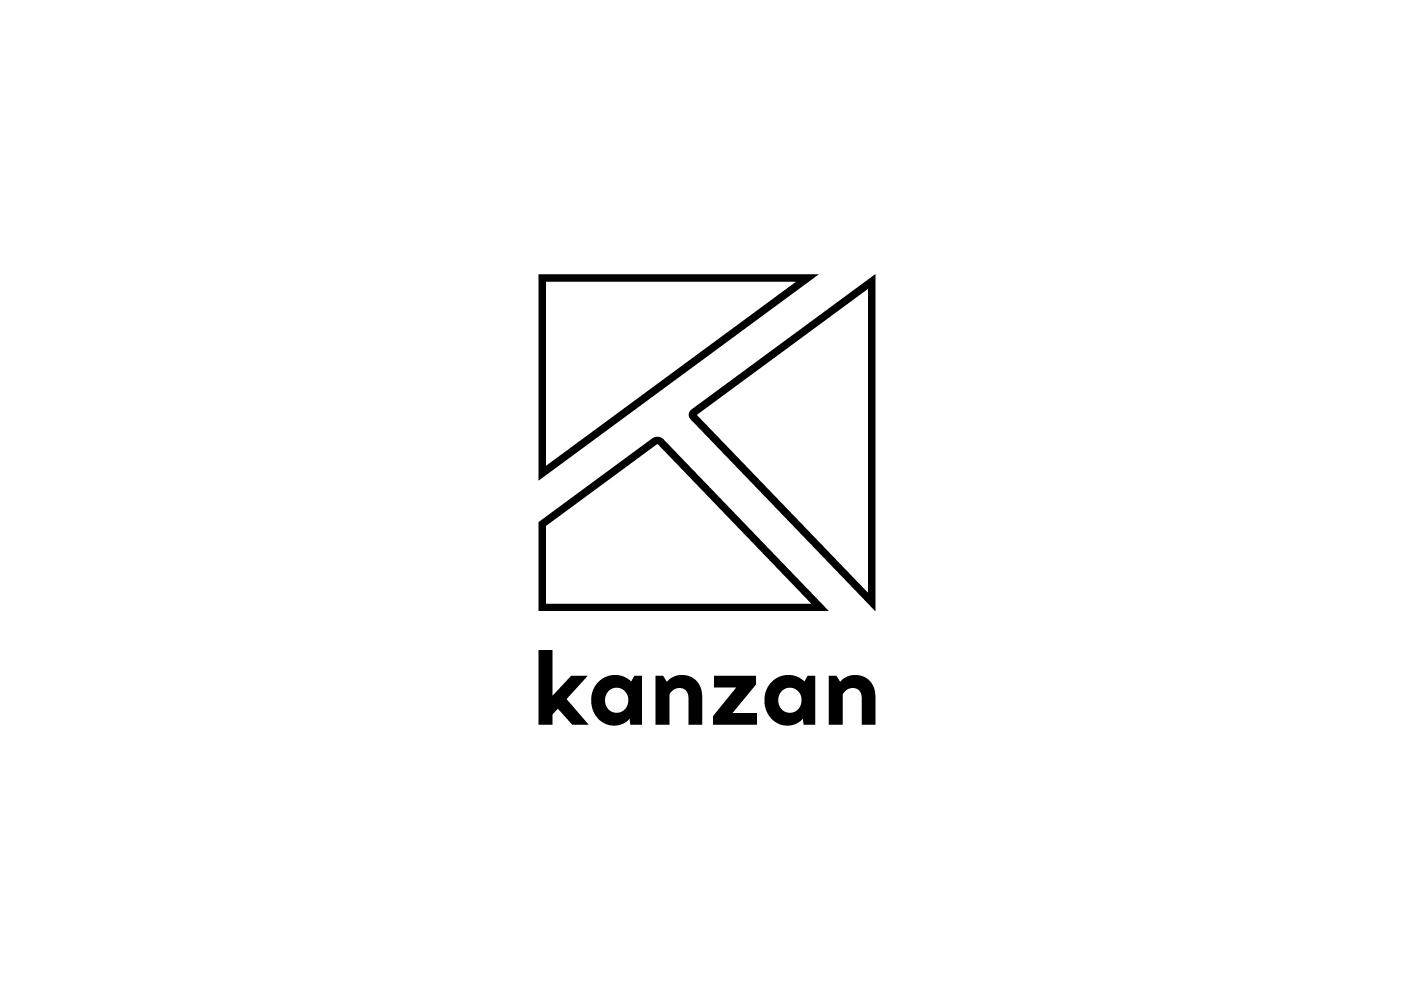 KANZAN